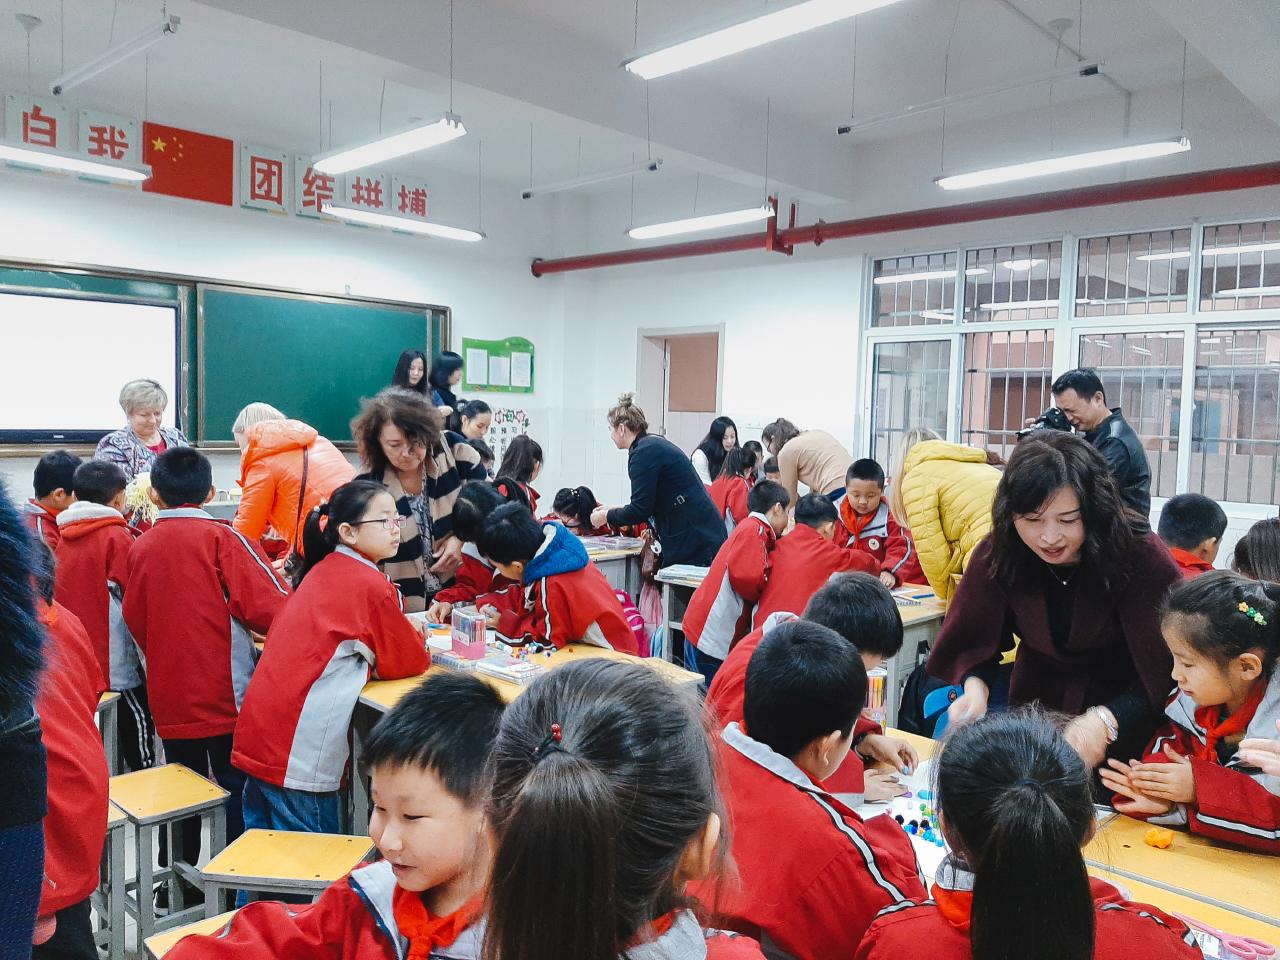 Hiina, Xian, 11.2019.a.